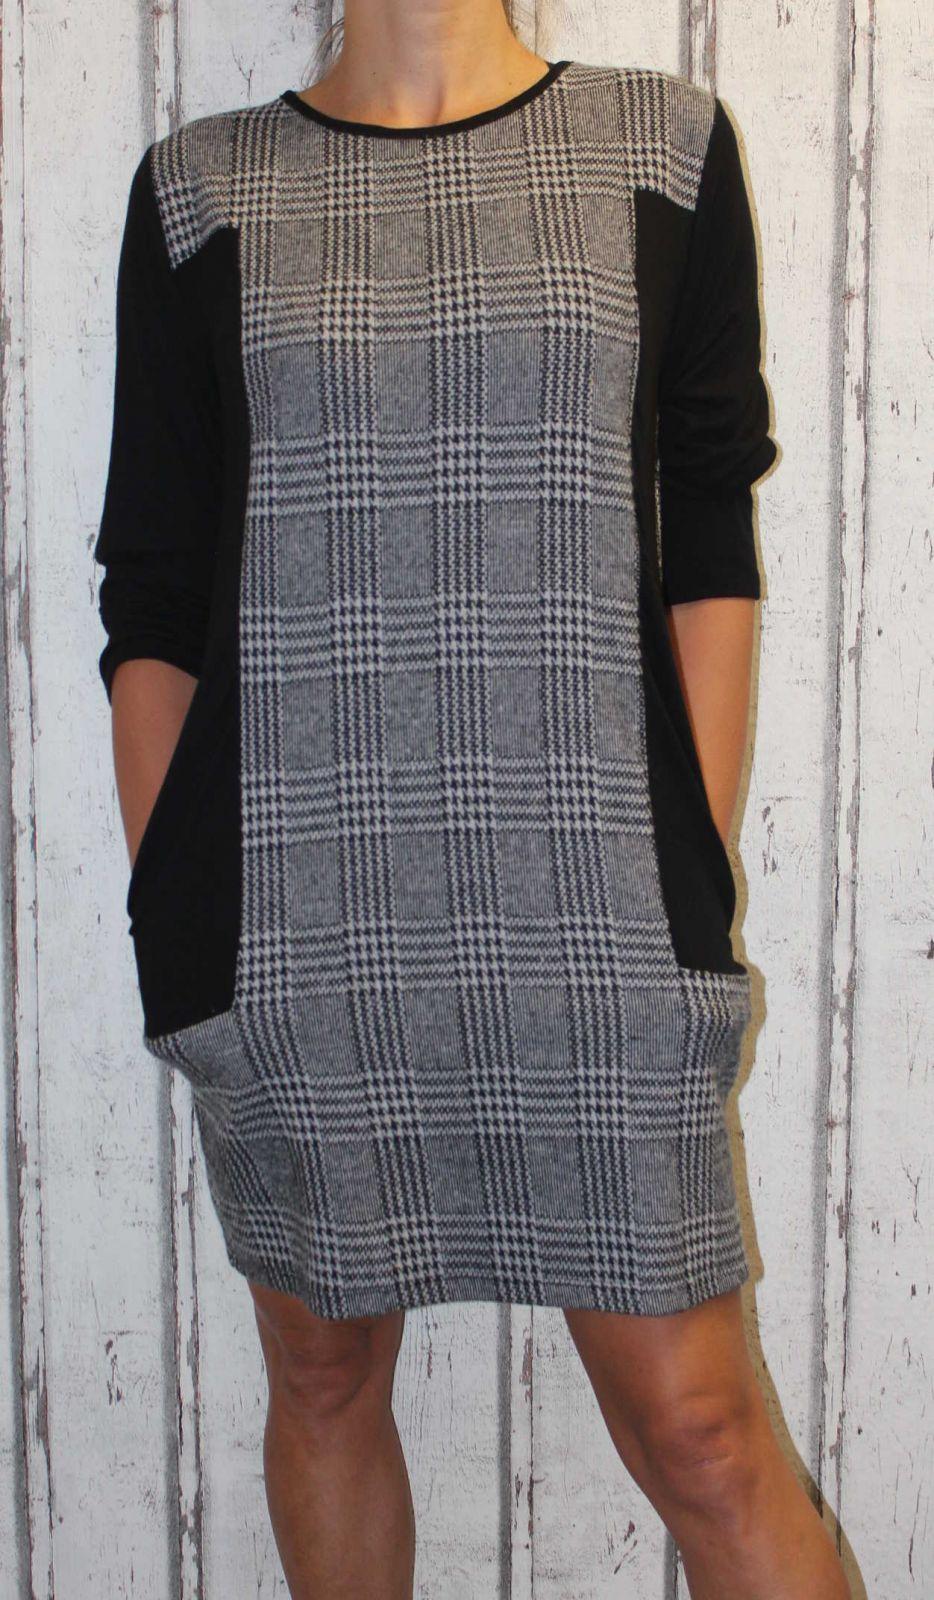 Dámské šaty, podzimní dámské šaty, zimní dámské šaty šaty pro chladnější dny